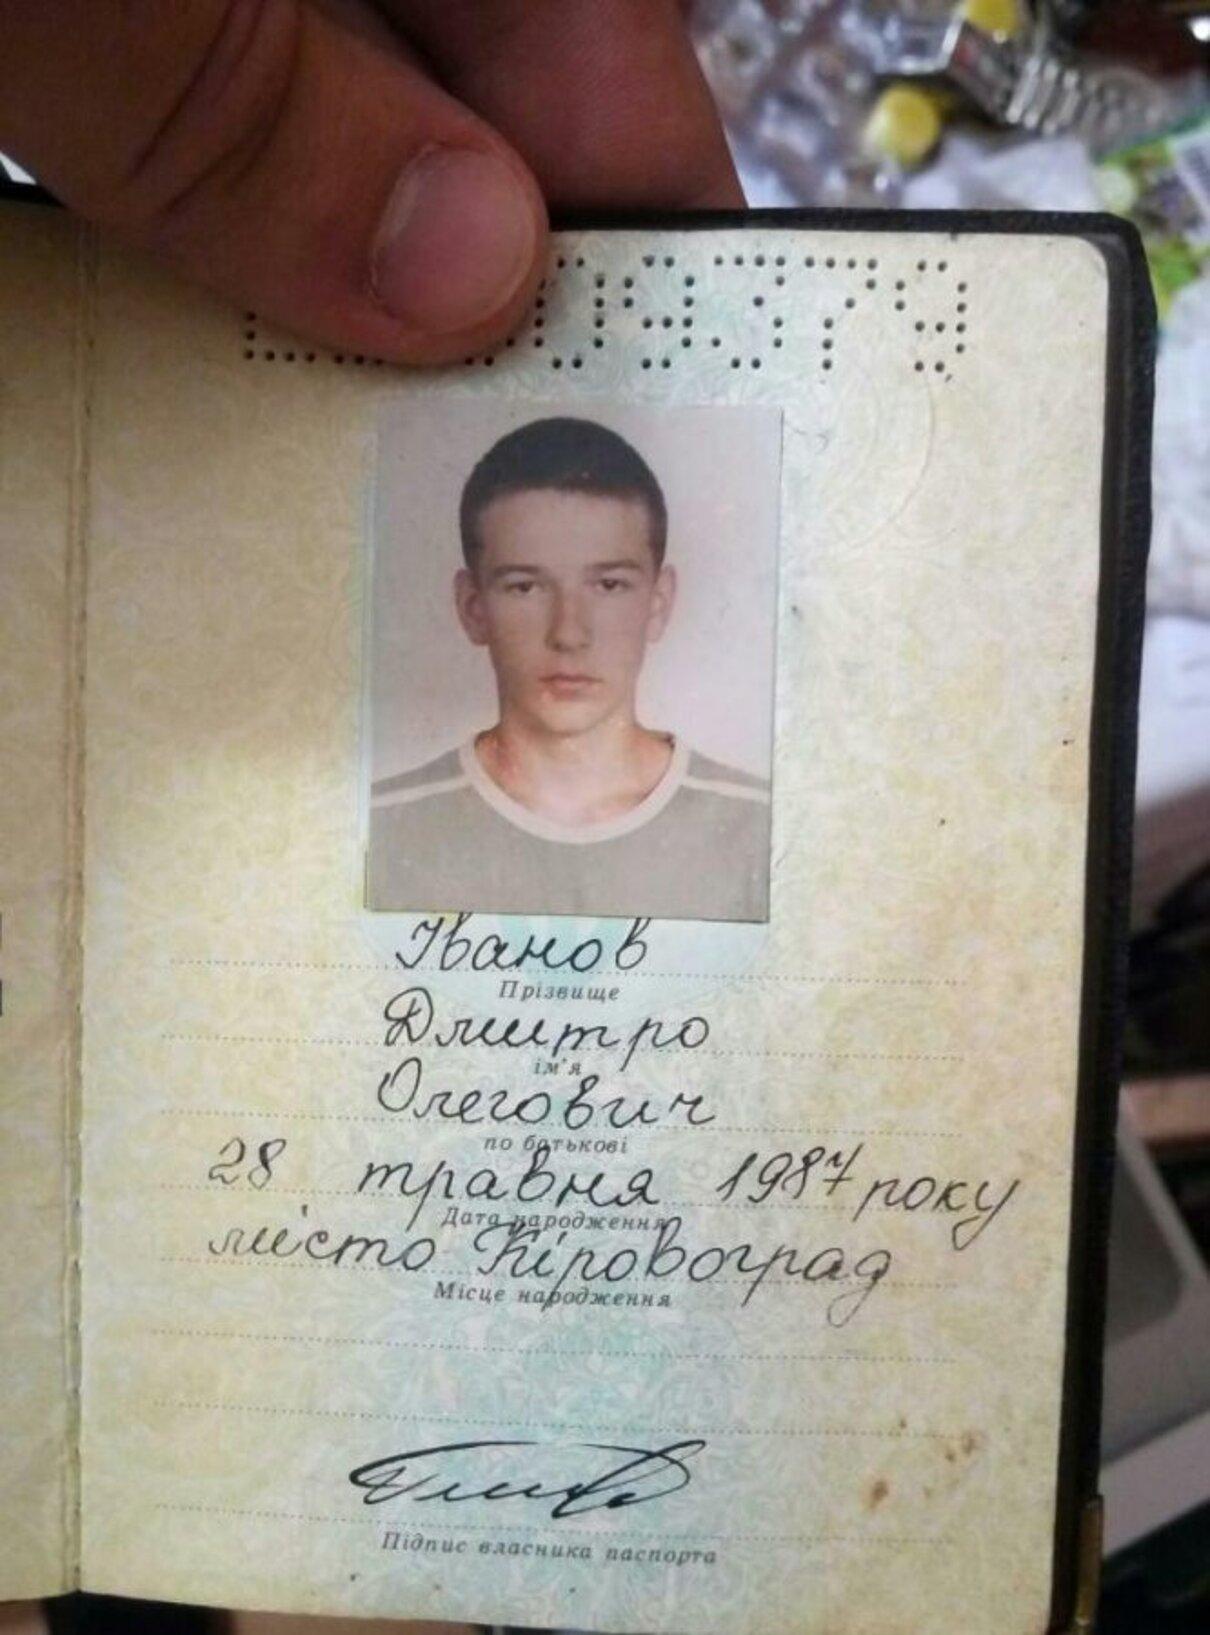 Жалоба-отзыв: Иванов Дмитрий - Мошенник на олх.  Фото №1